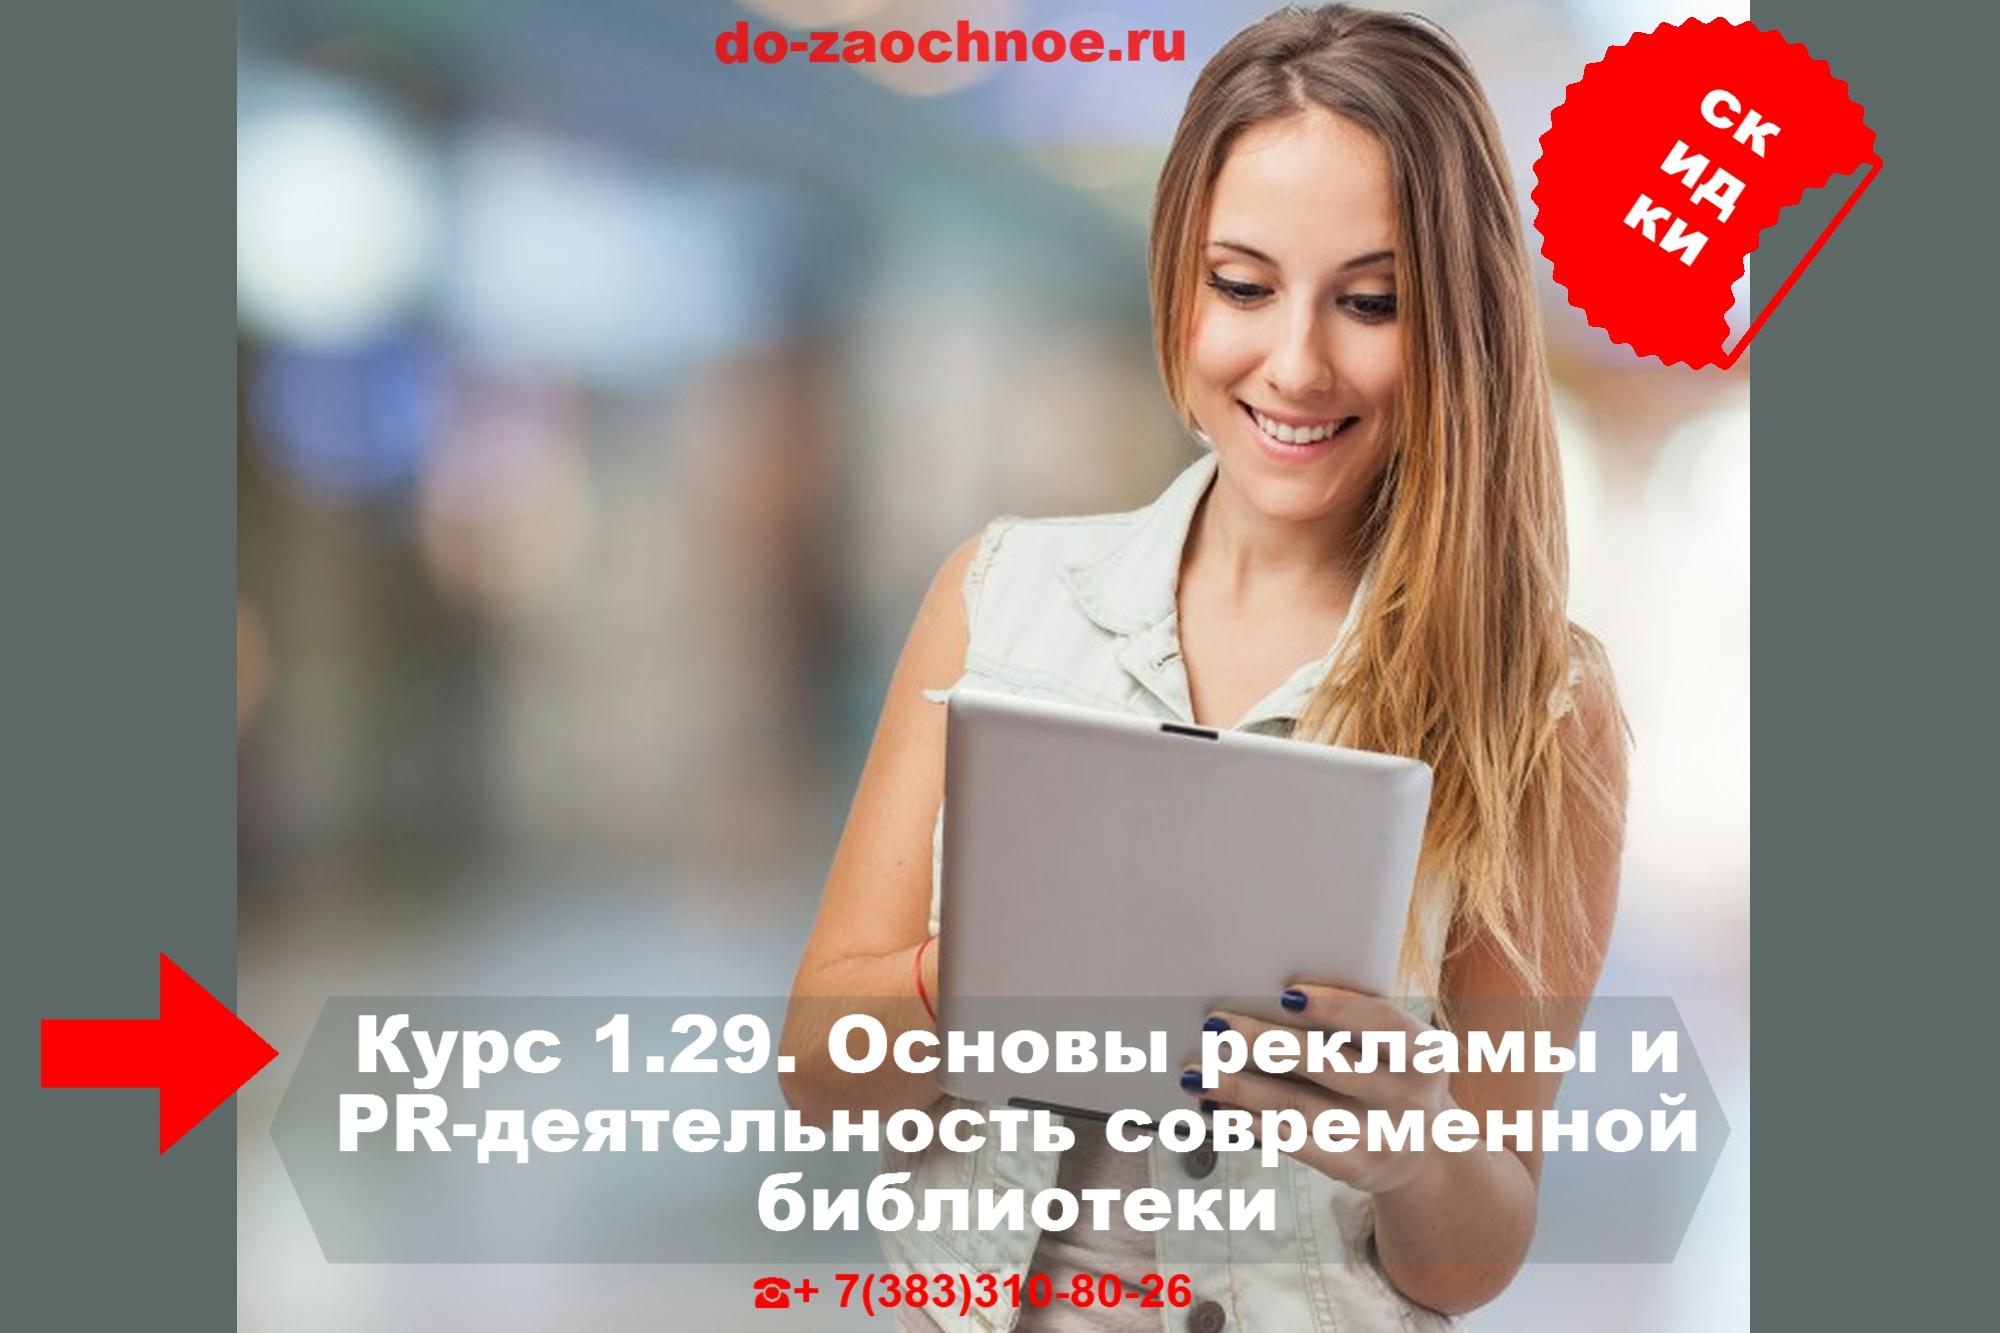 ИДПК Дистанционные курсы Основы рекламы и PR-деятельность современной библиотеки